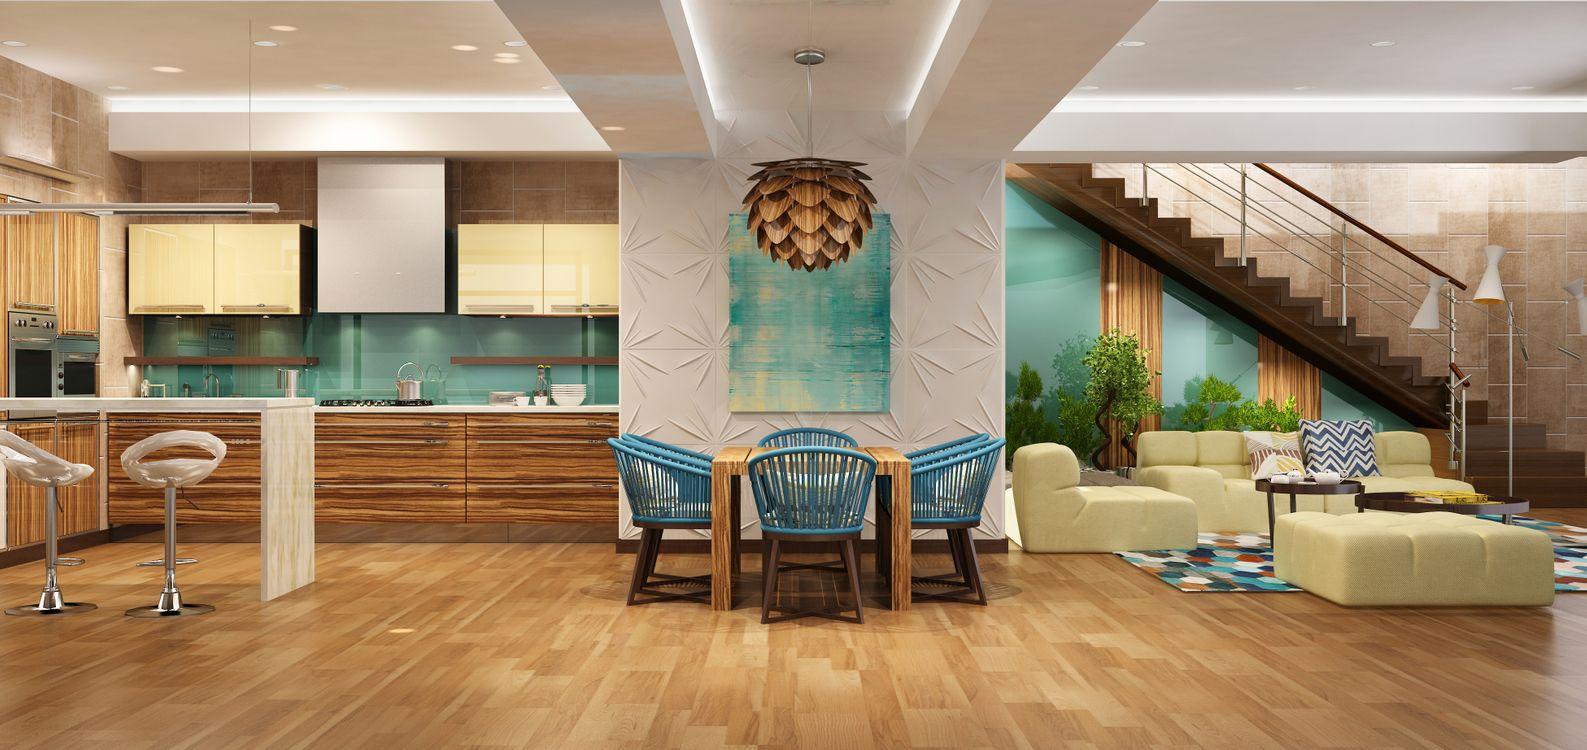 Фото бесплатно гостиная, кухня, мебель, диван, интерьер